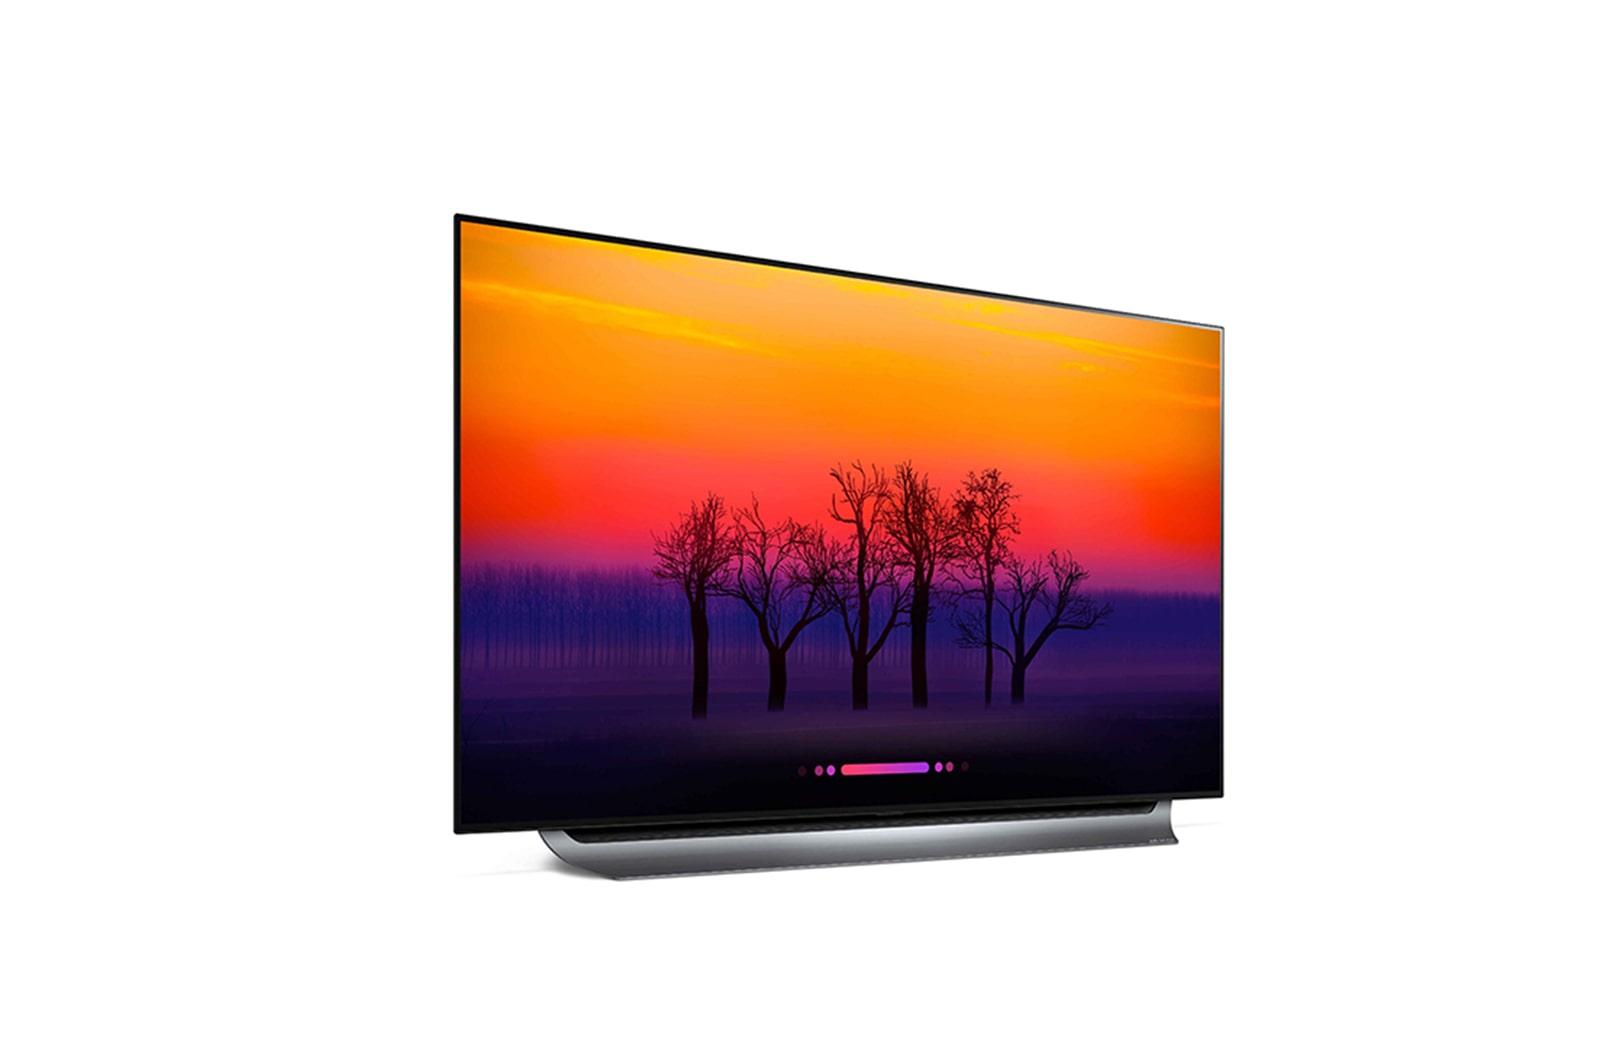 LG OLED55C8PUA: 55 Inch Class 4K HDR Smart AI OLED TV w/ ThinQ   LG